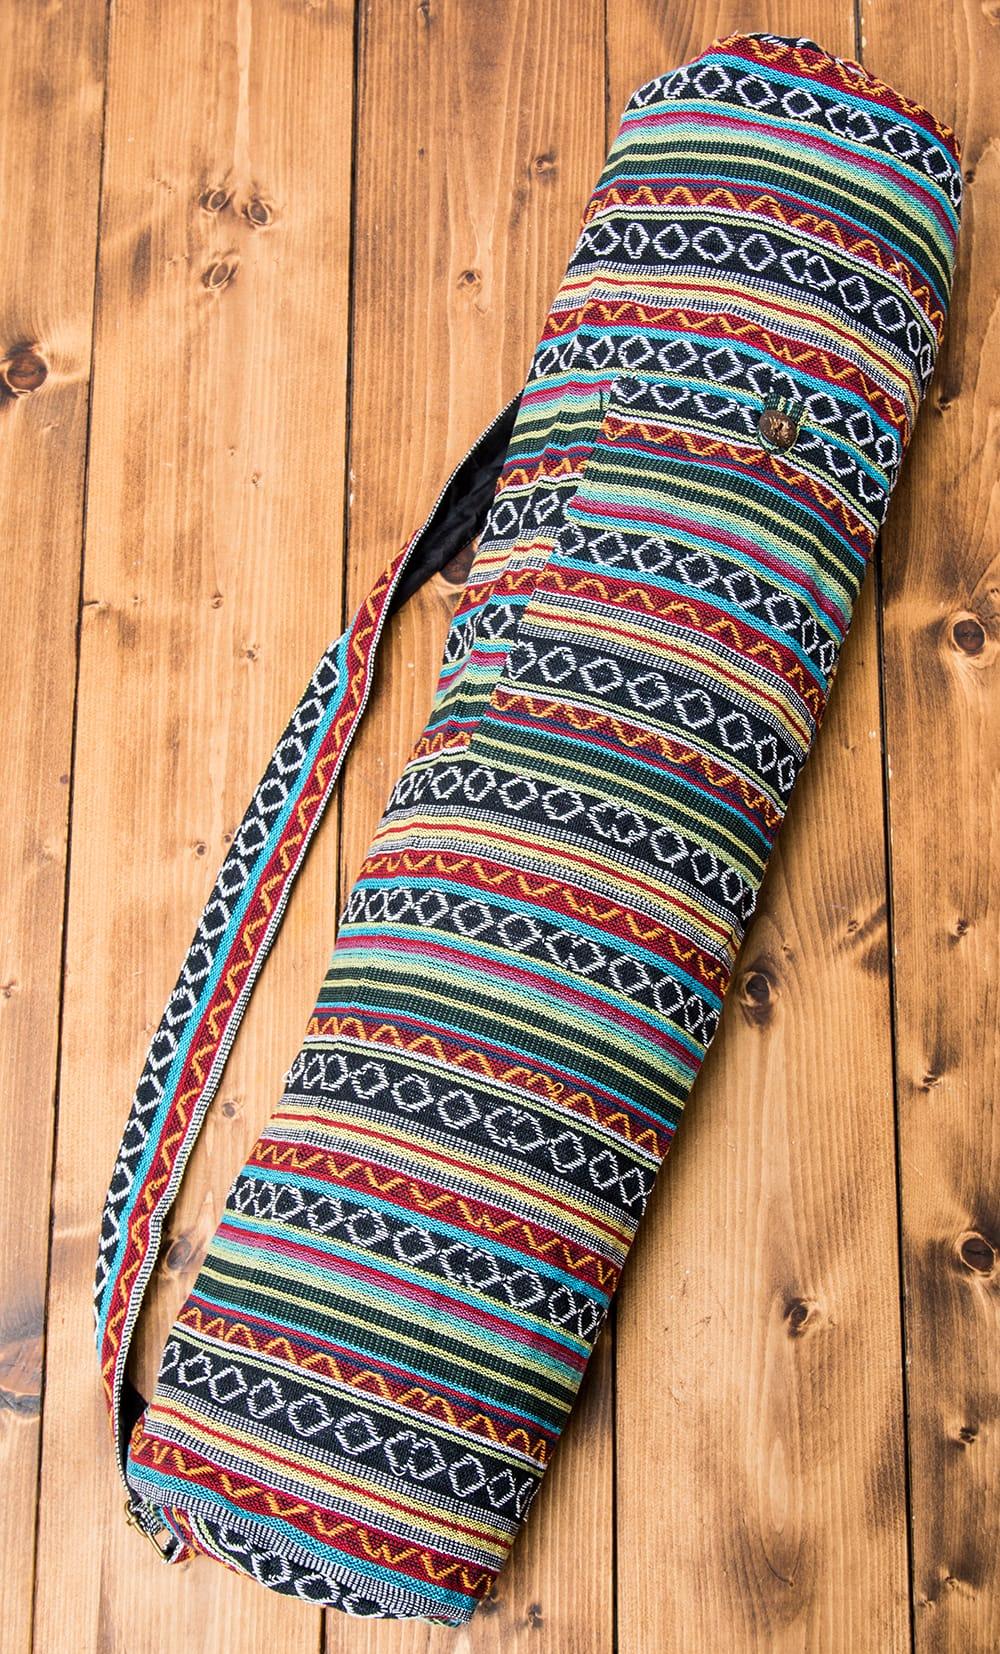 [ジッパータイプ]ネパール織り布のヨガマットバッグの写真